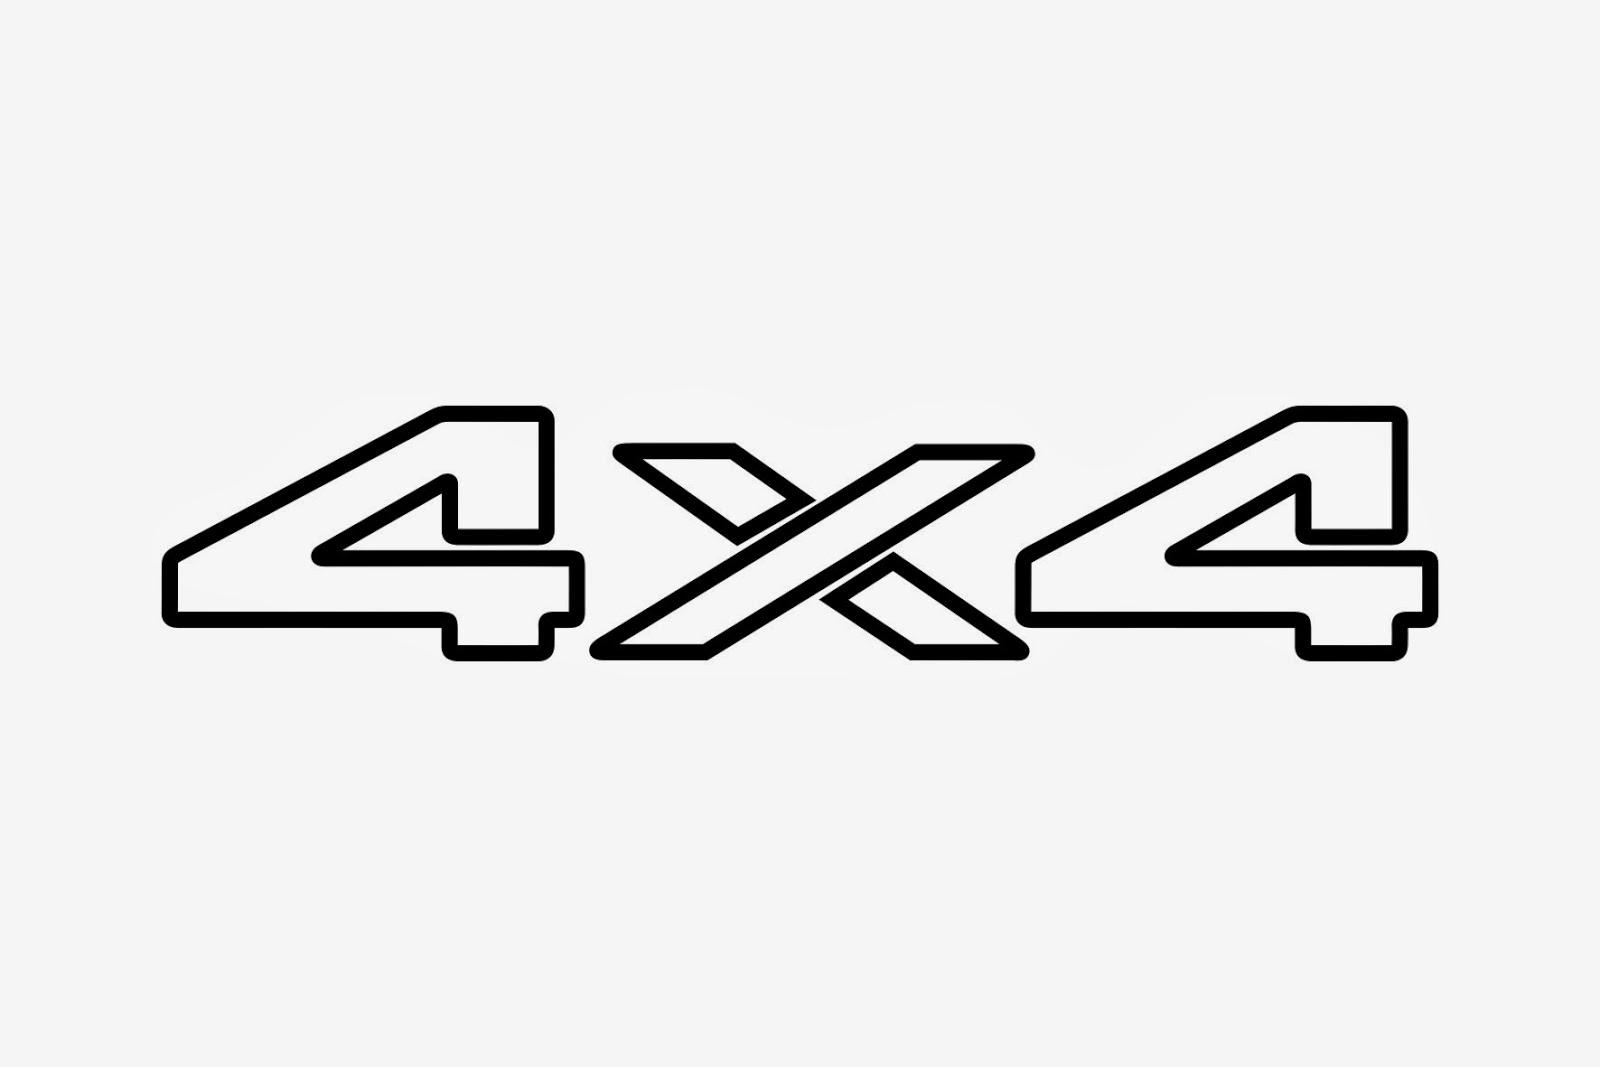 4x4 Logo Image Download Logo Logowiki Net